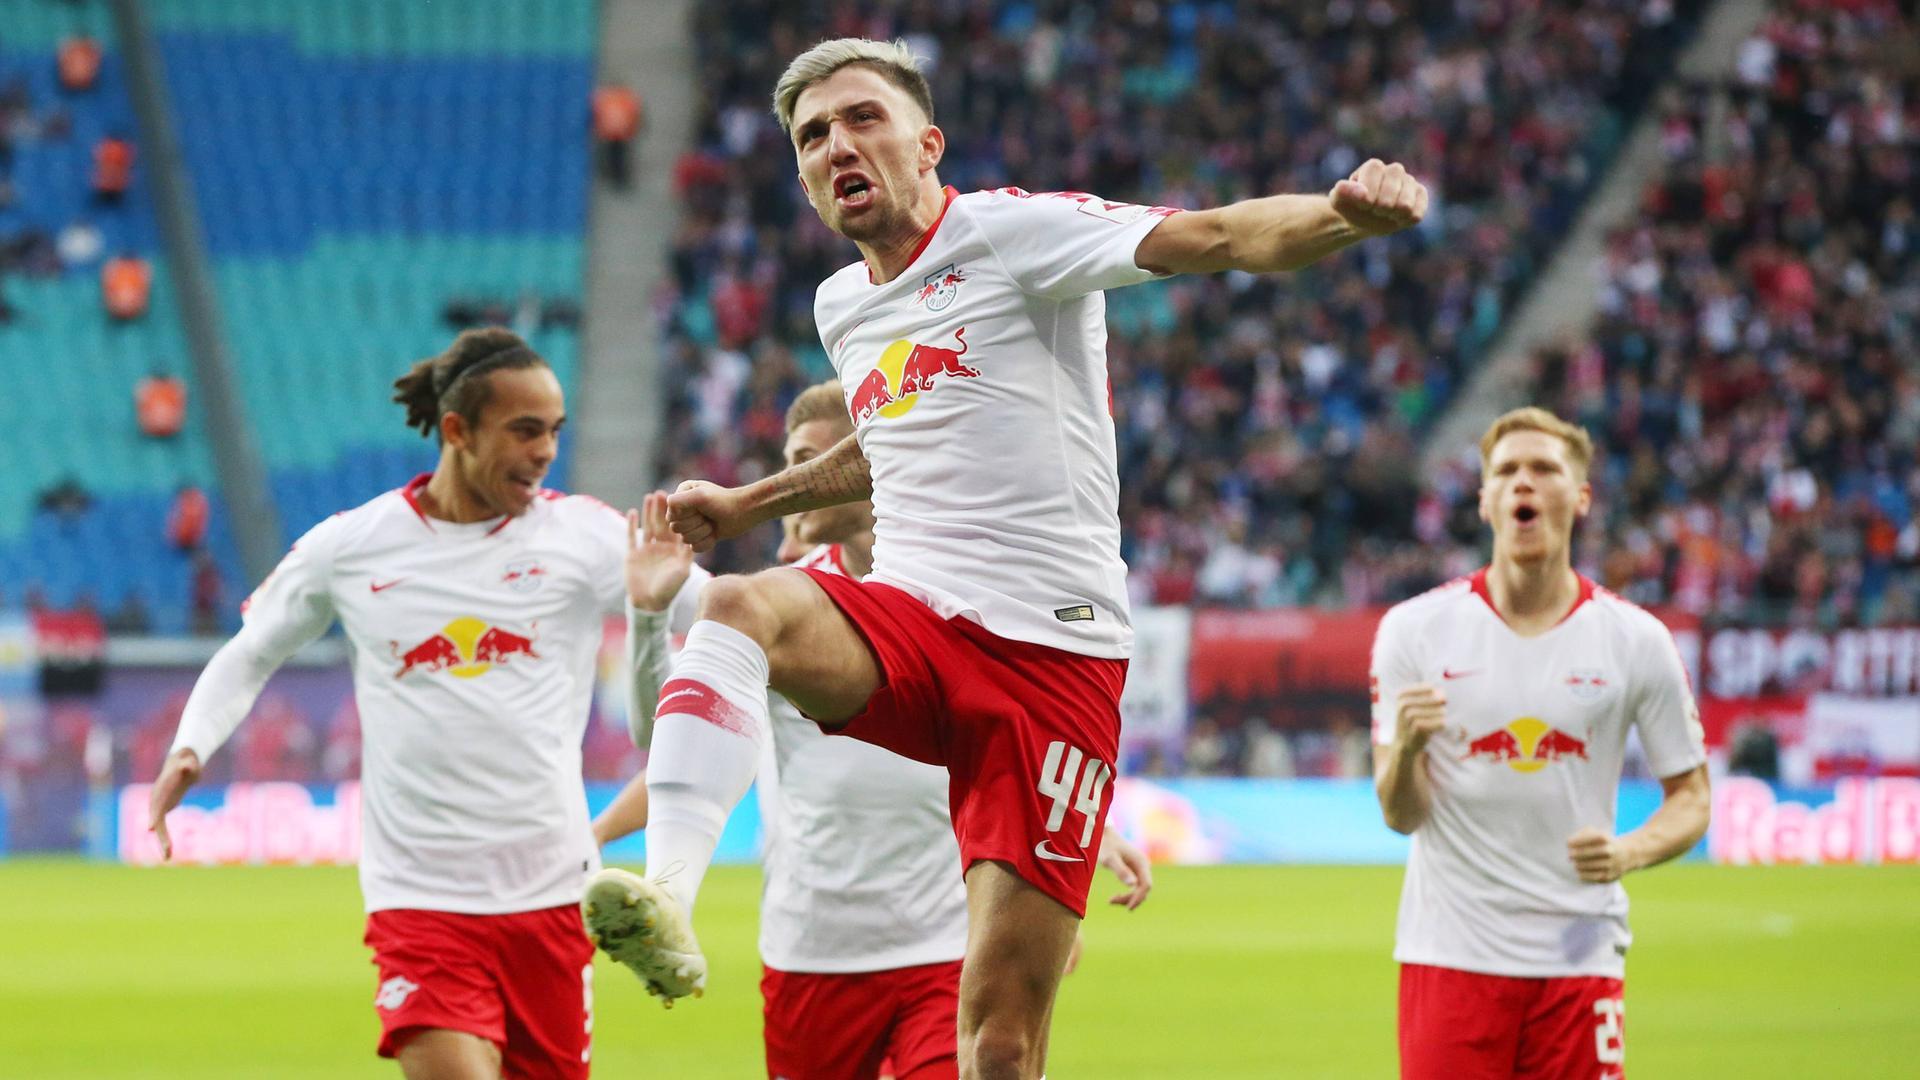 Fuball Bundesliga Zusammenfassung Des 7 Spieltags Zdfmediathek 1 0 Leipzigs Kevin Kampl Jubelt Nach Dem Tor Zum 10